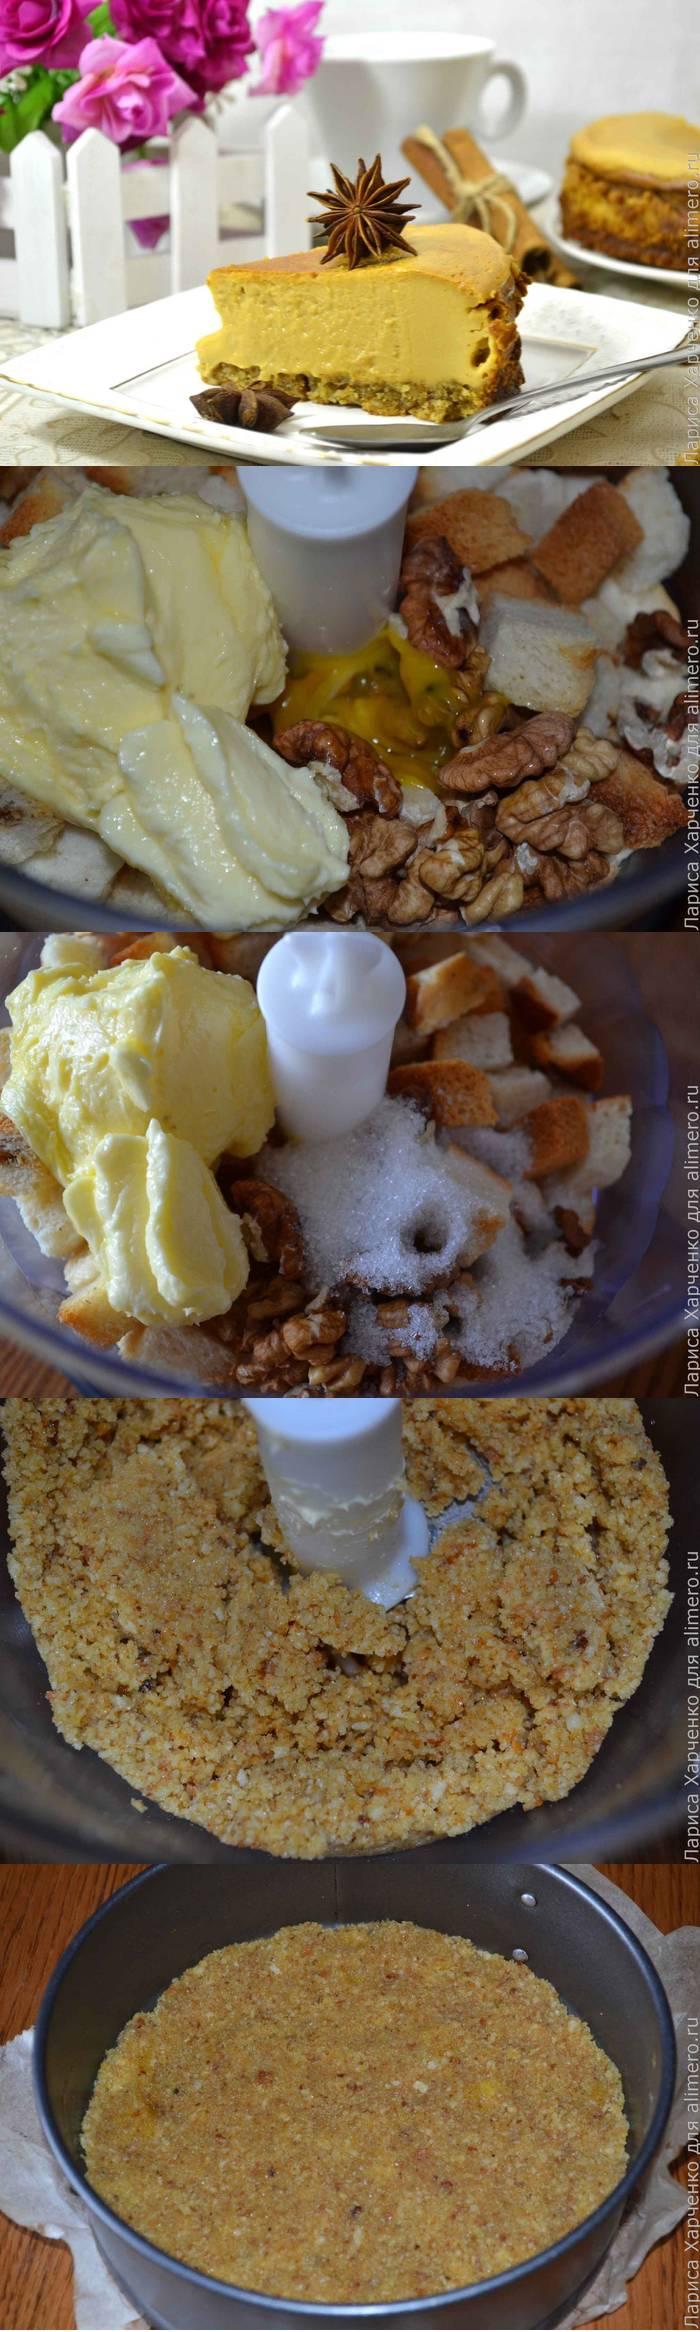 Творожный чизкейк с карамельно-ореховым вкусом